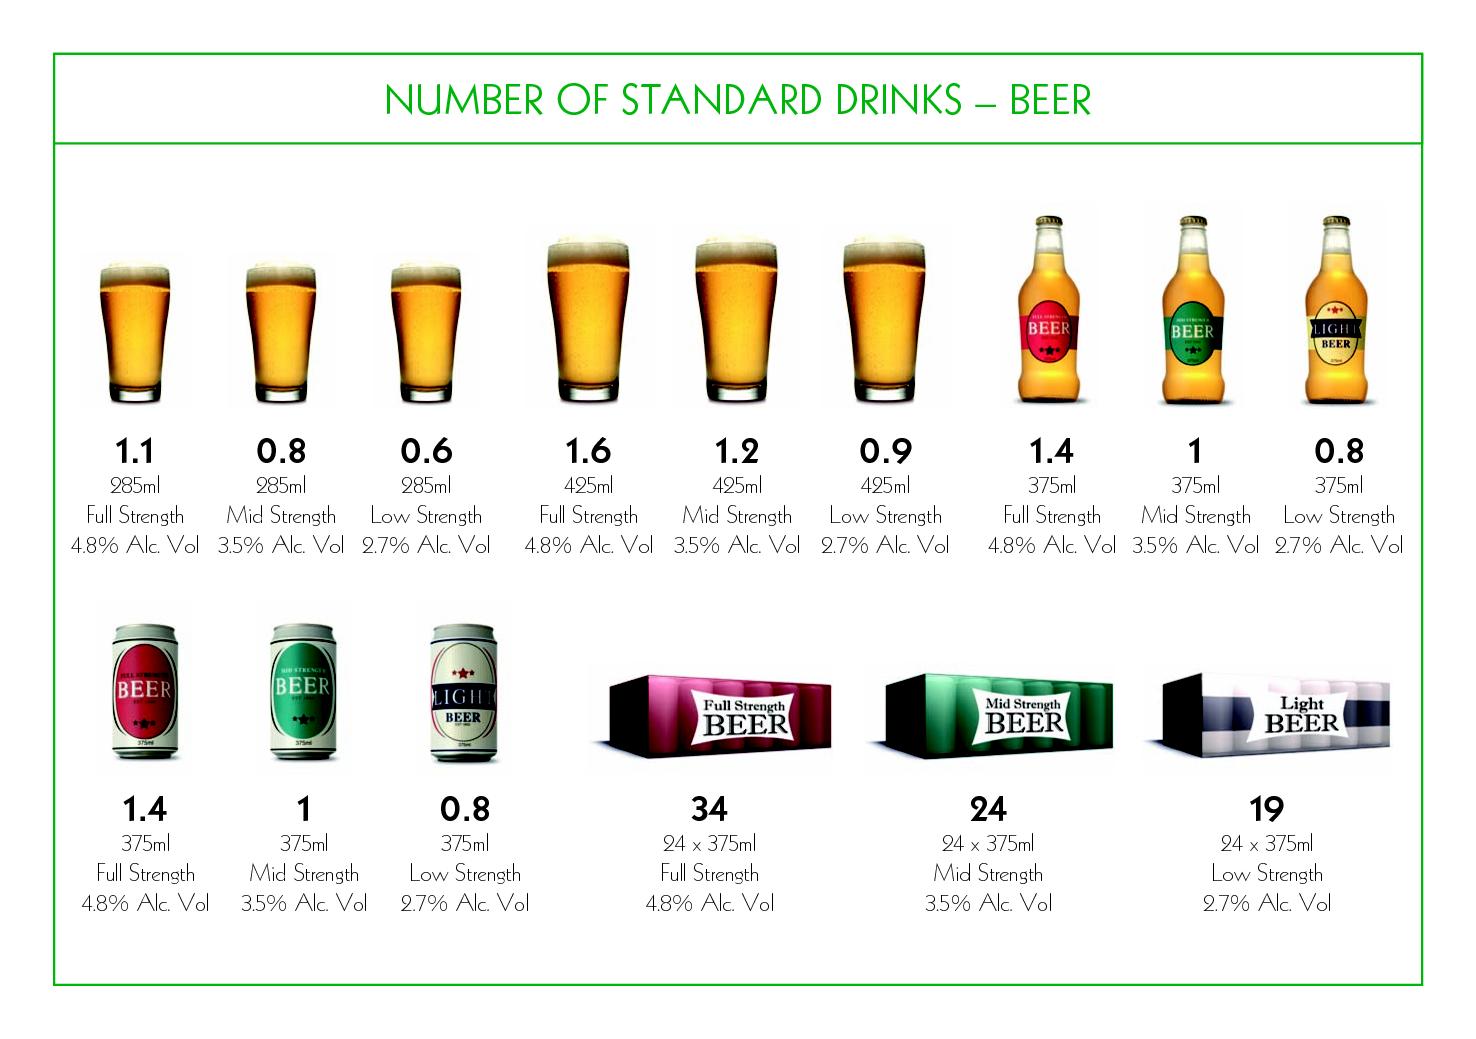 Number of standard drinks - Beer